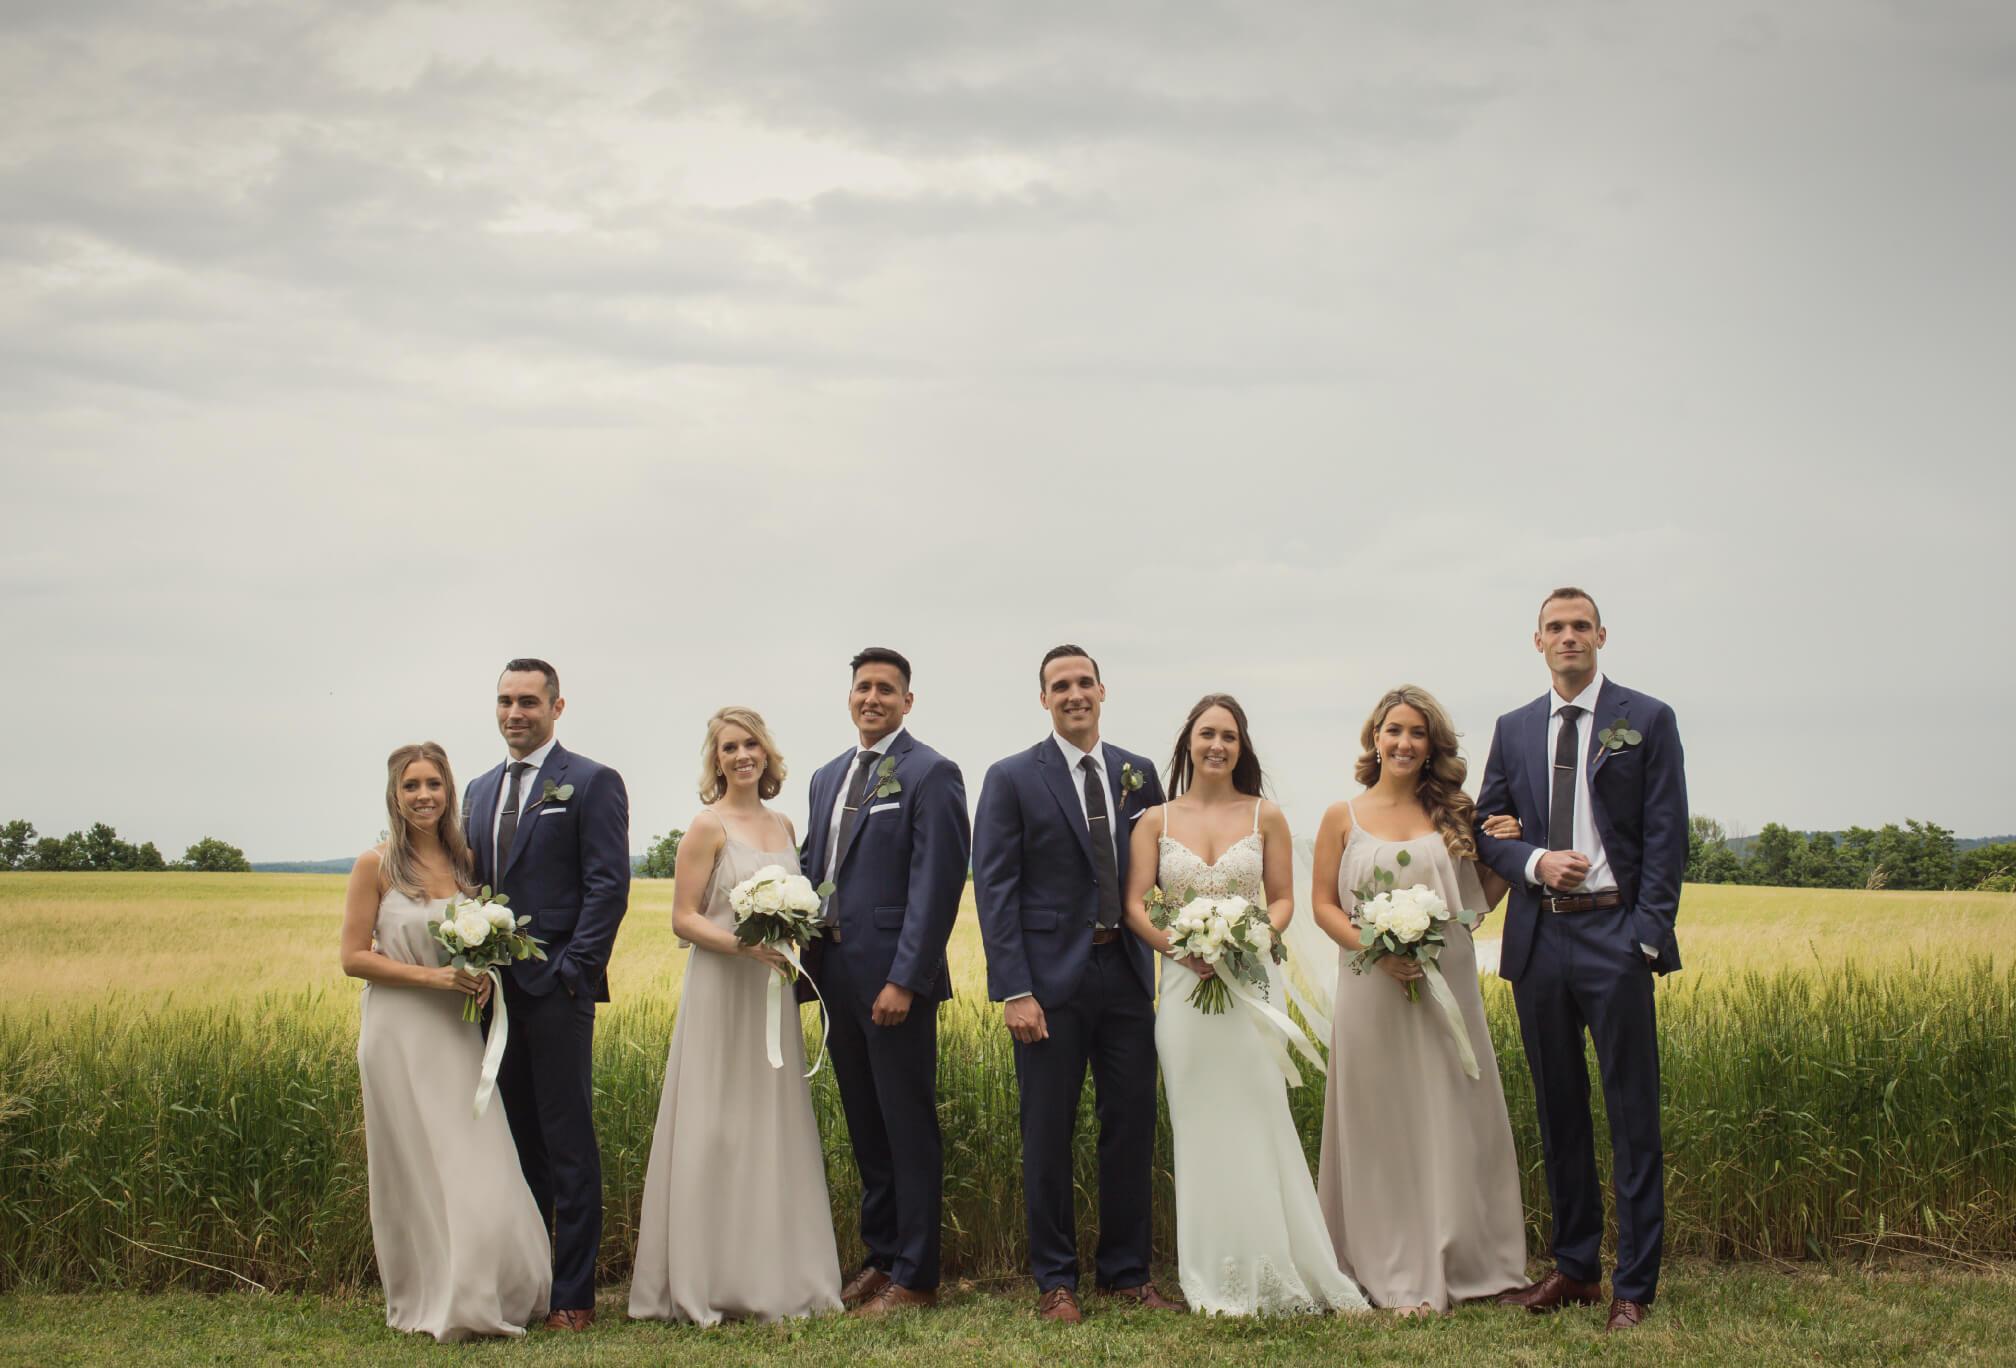 bridal party farm field wedding